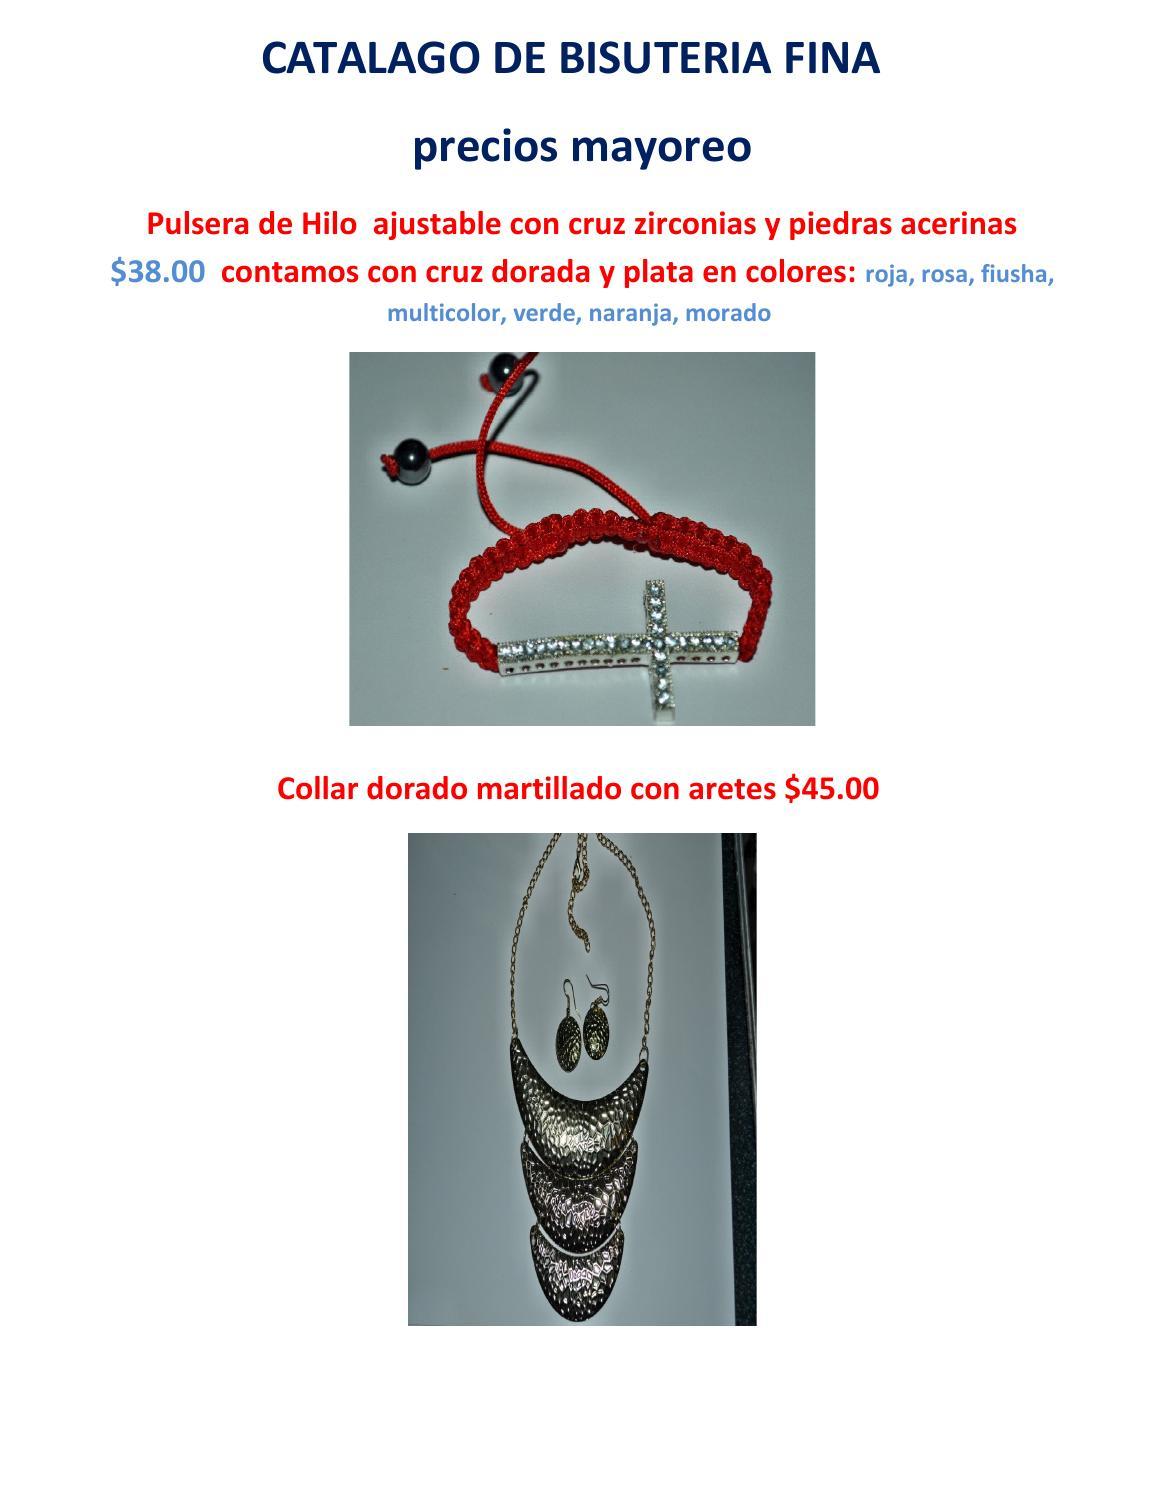 19375f345ad4 Catalago de bisuteria fina y lamina chapa de oro by ely ignacio - issuu